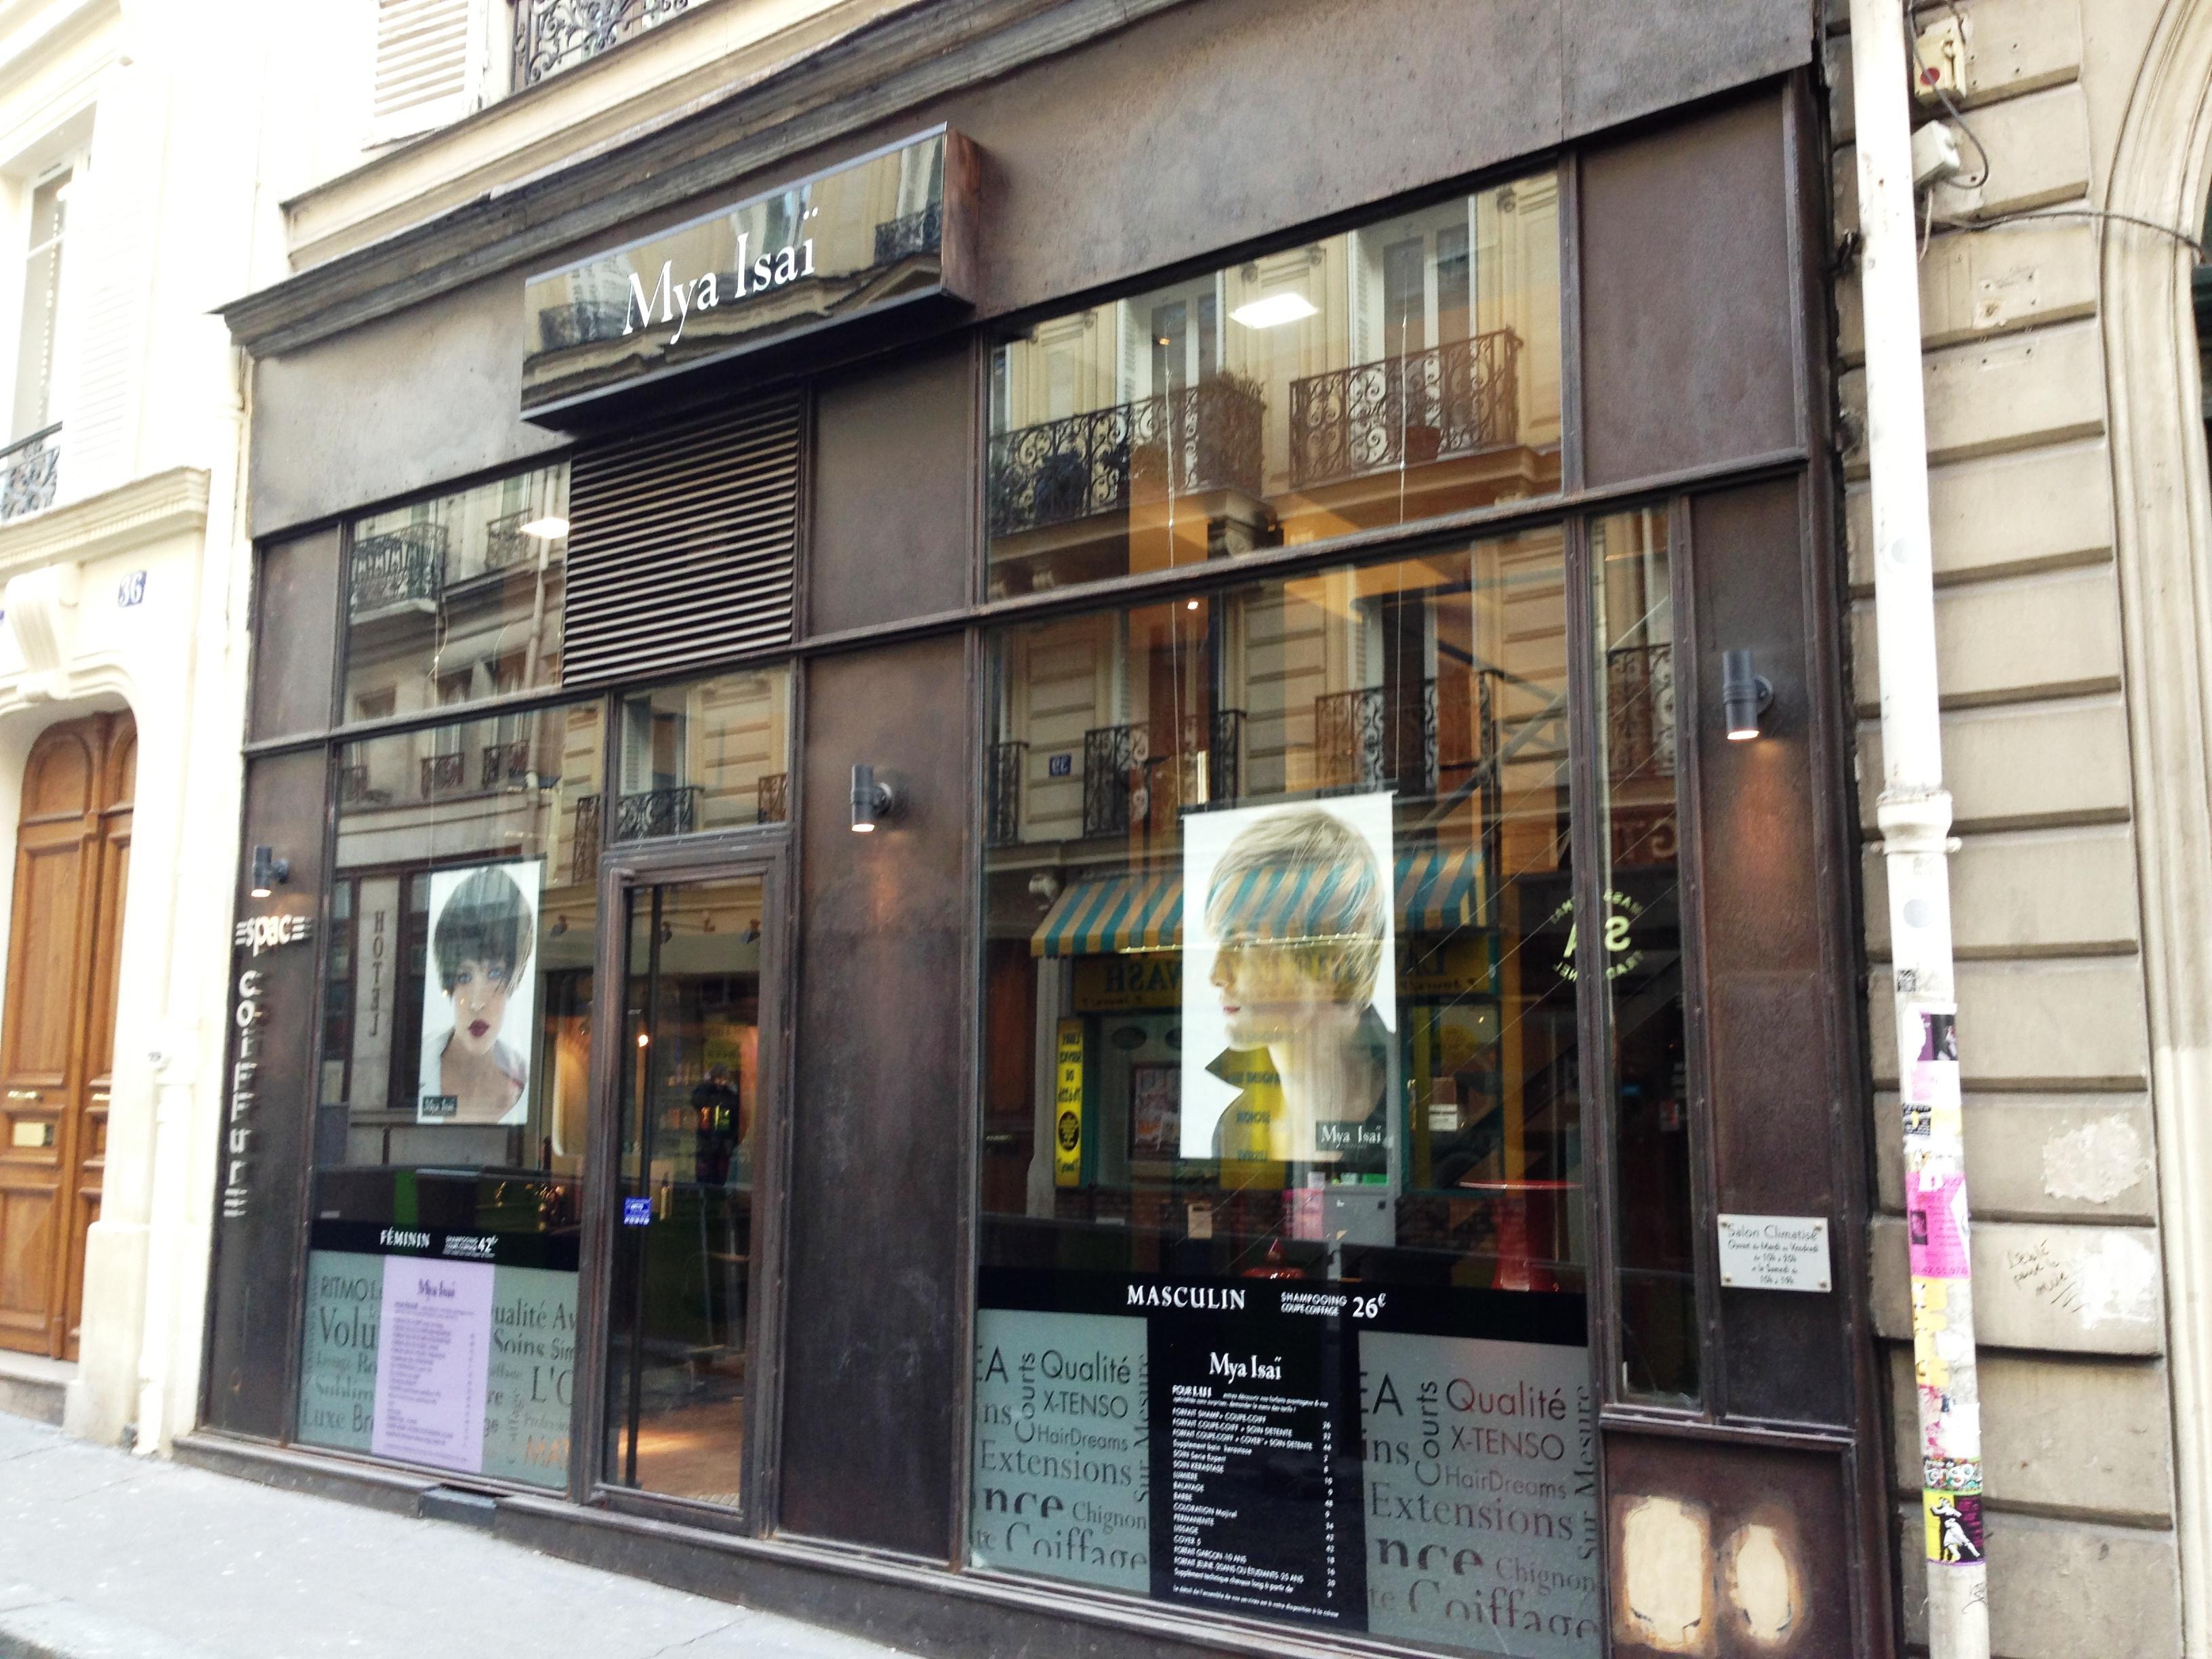 Mya Isaï Paris 09